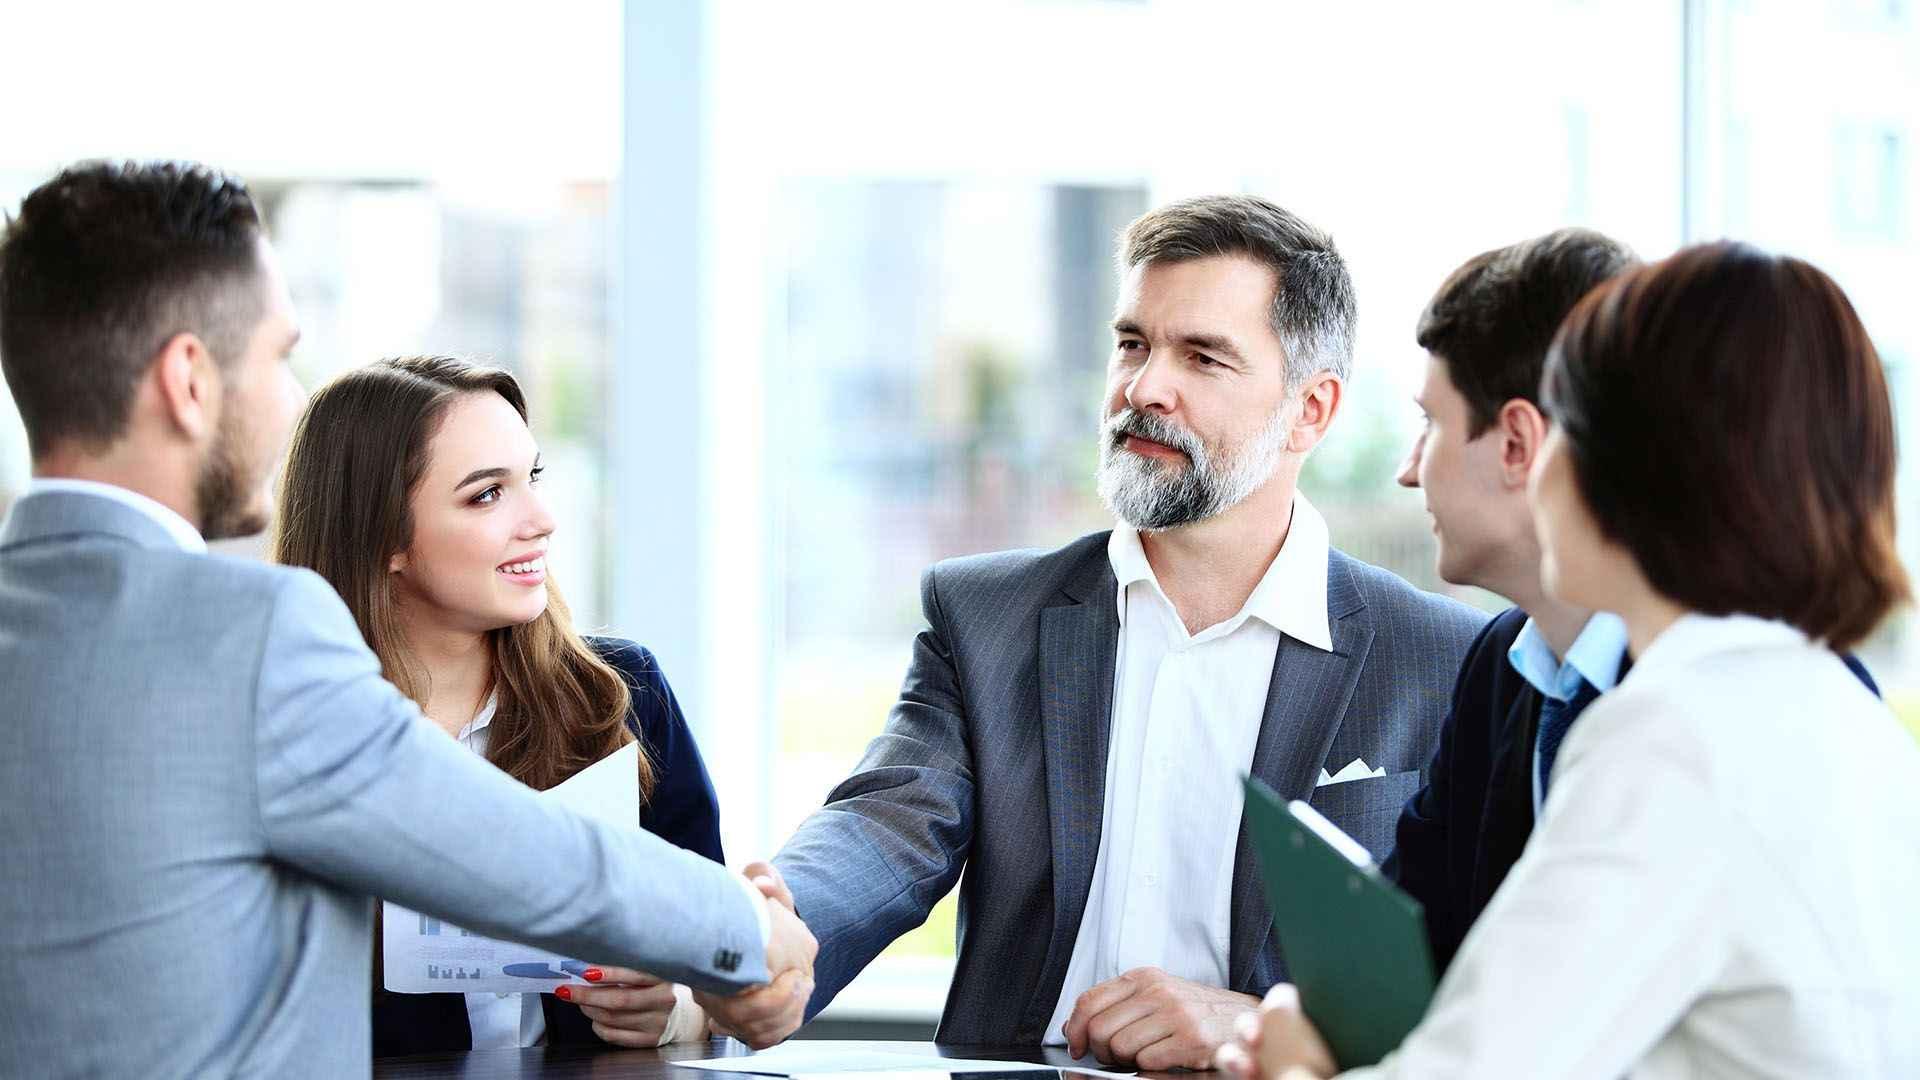 Как взять кредит под залог недвижимости с плохой кредитной историей?